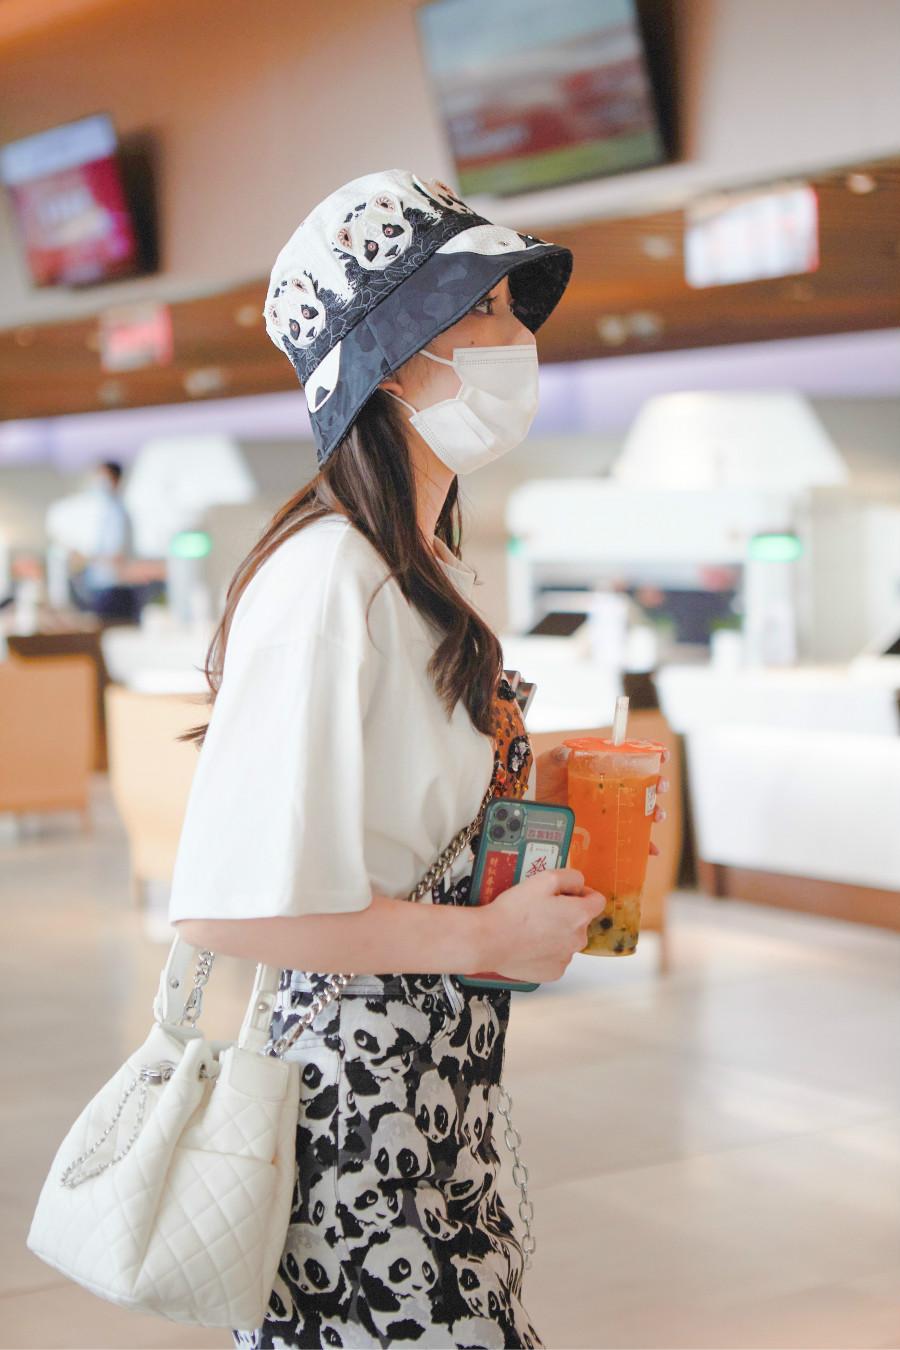 文竹机场街拍曝光 熊猫穿搭超抢镜